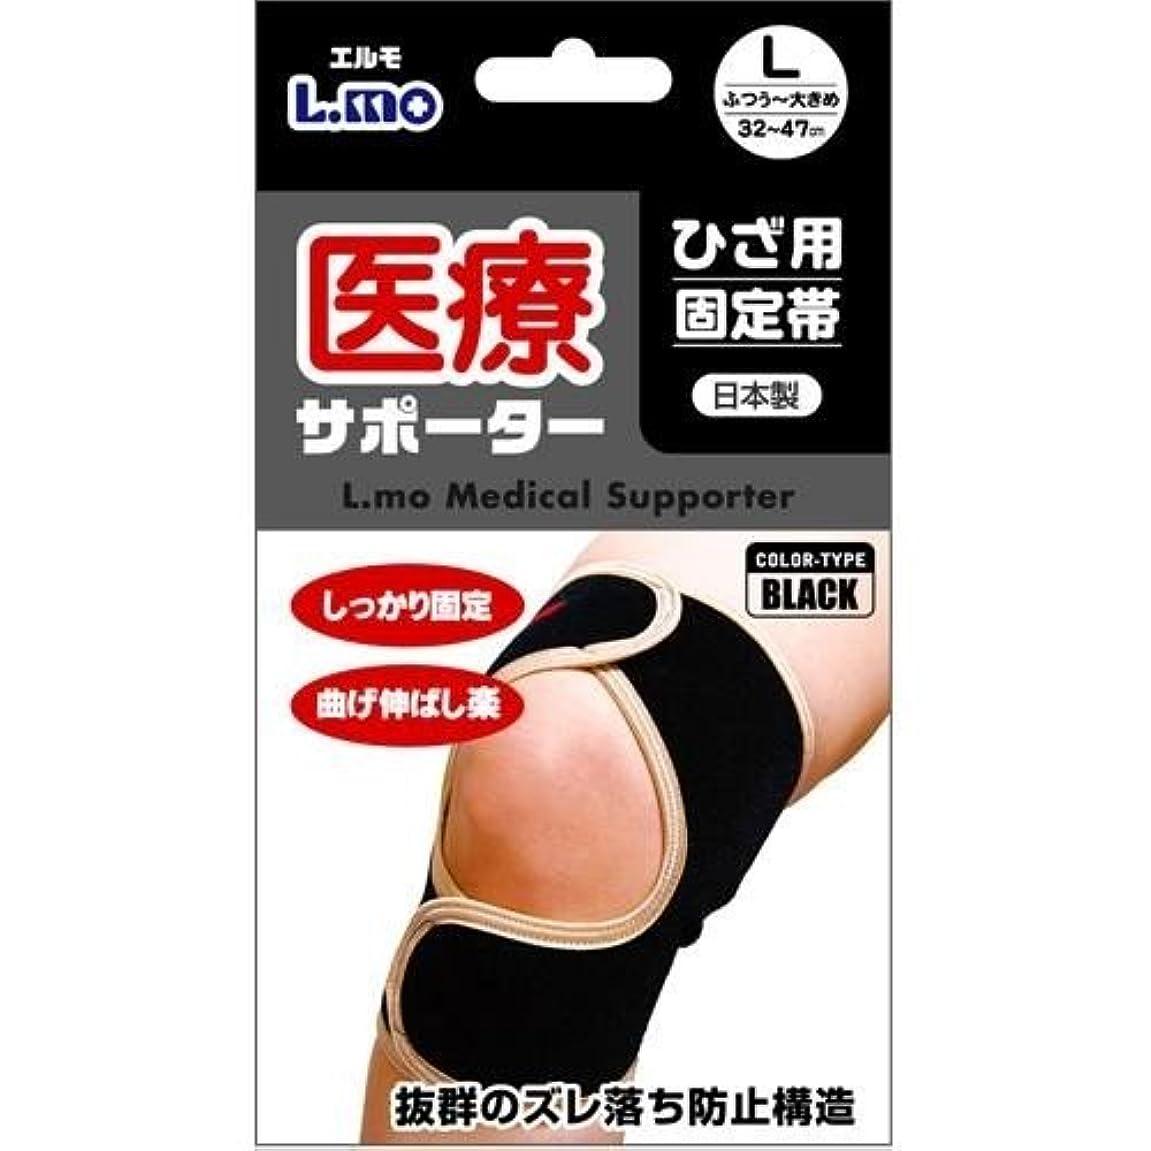 戦いリード報告書エルモ医療サポーター ひざ用固定帯 ブラック ■2種類の内「Lサイズ?786493」を1点のみです